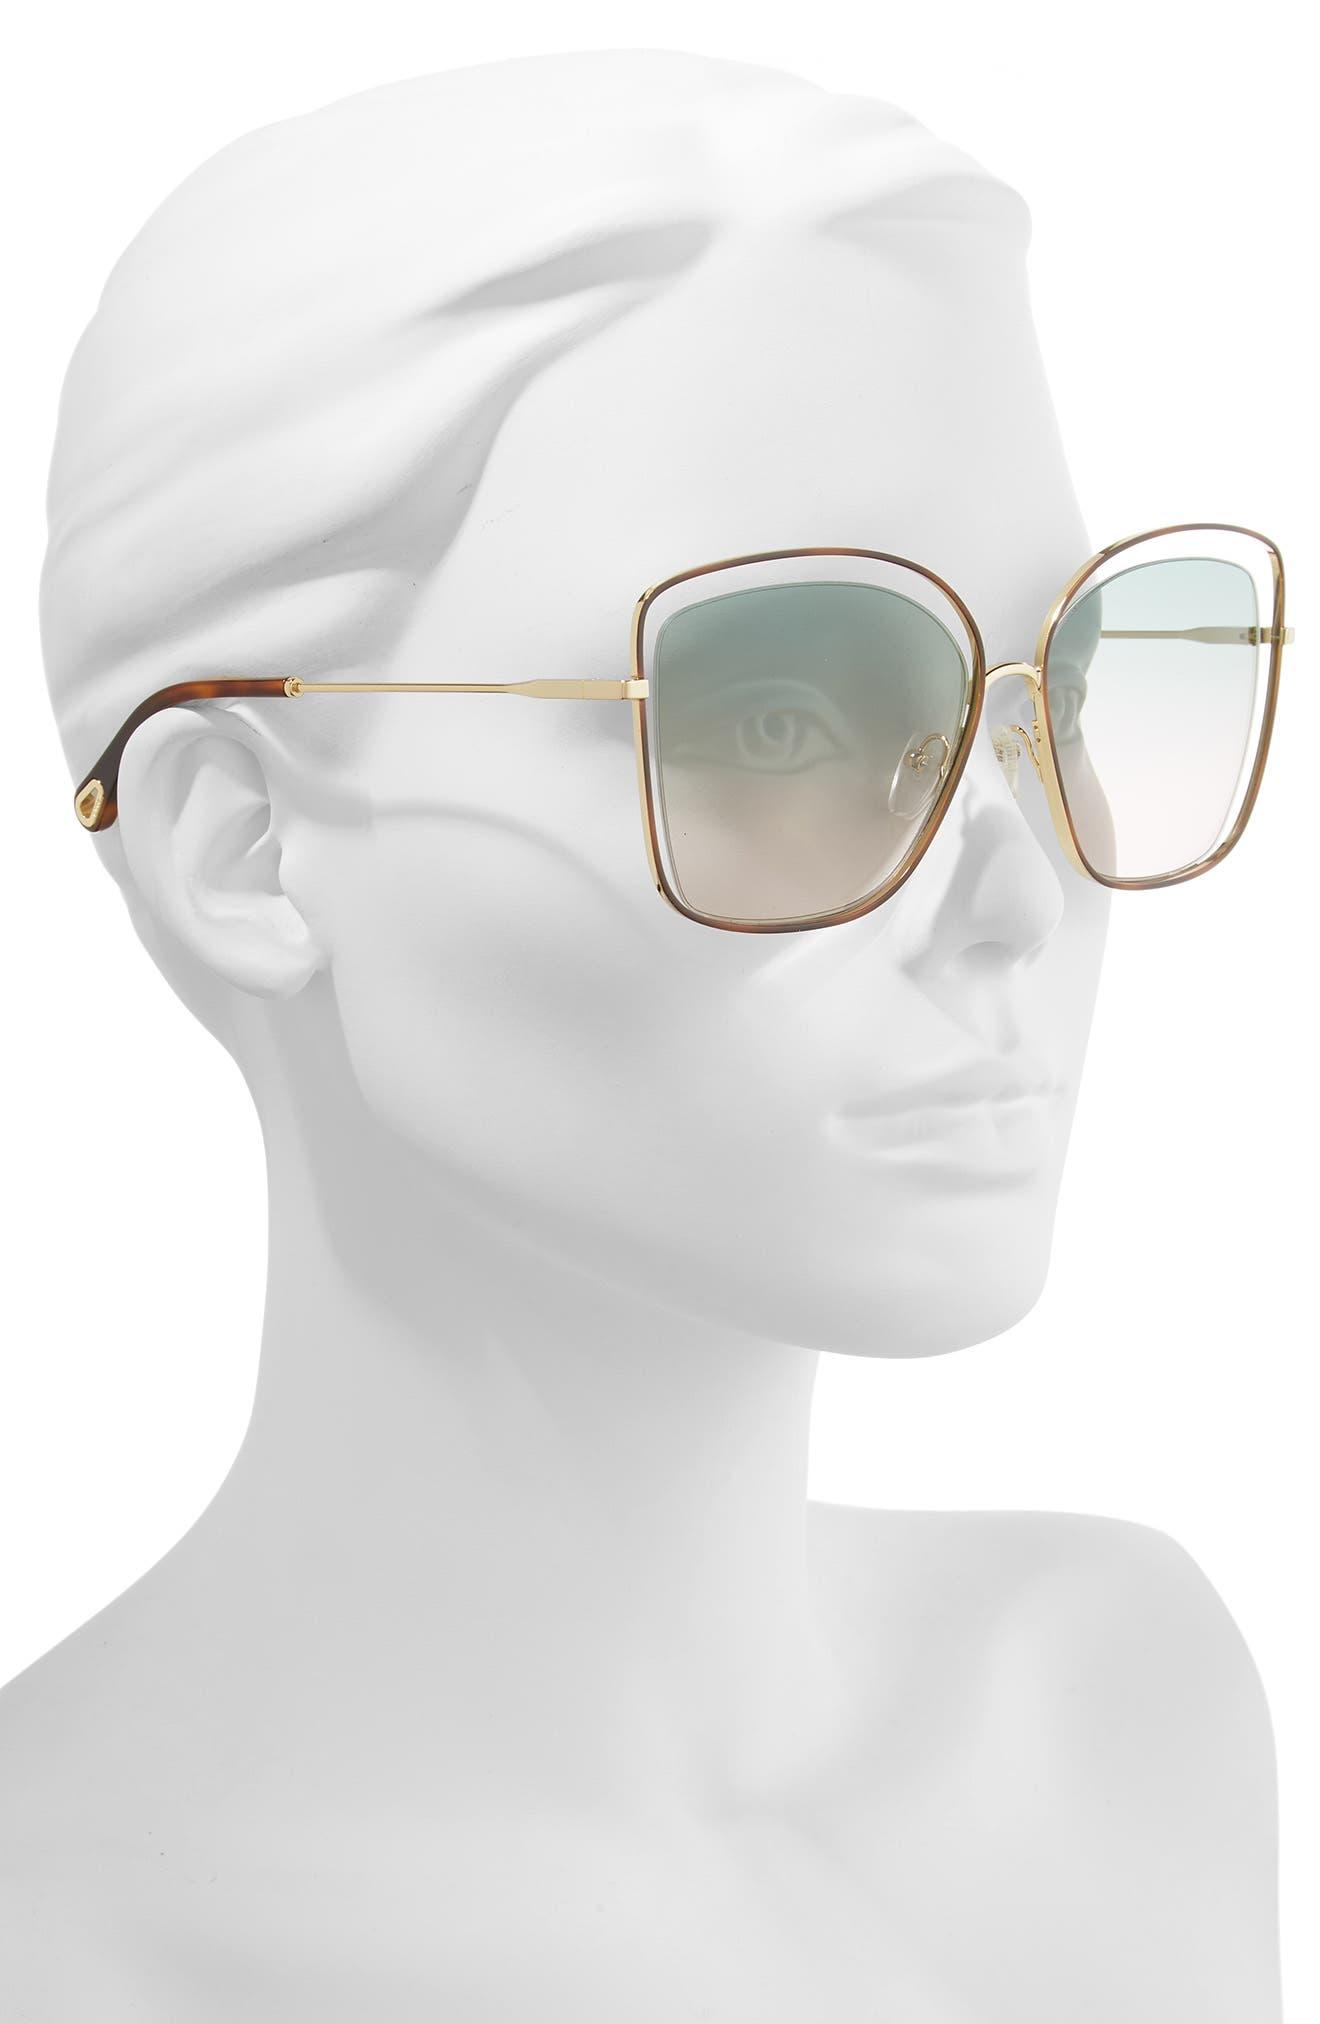 60mm Halo Frame Sunglasses,                             Alternate thumbnail 2, color,                             HAVANA/ GREEN ROSE